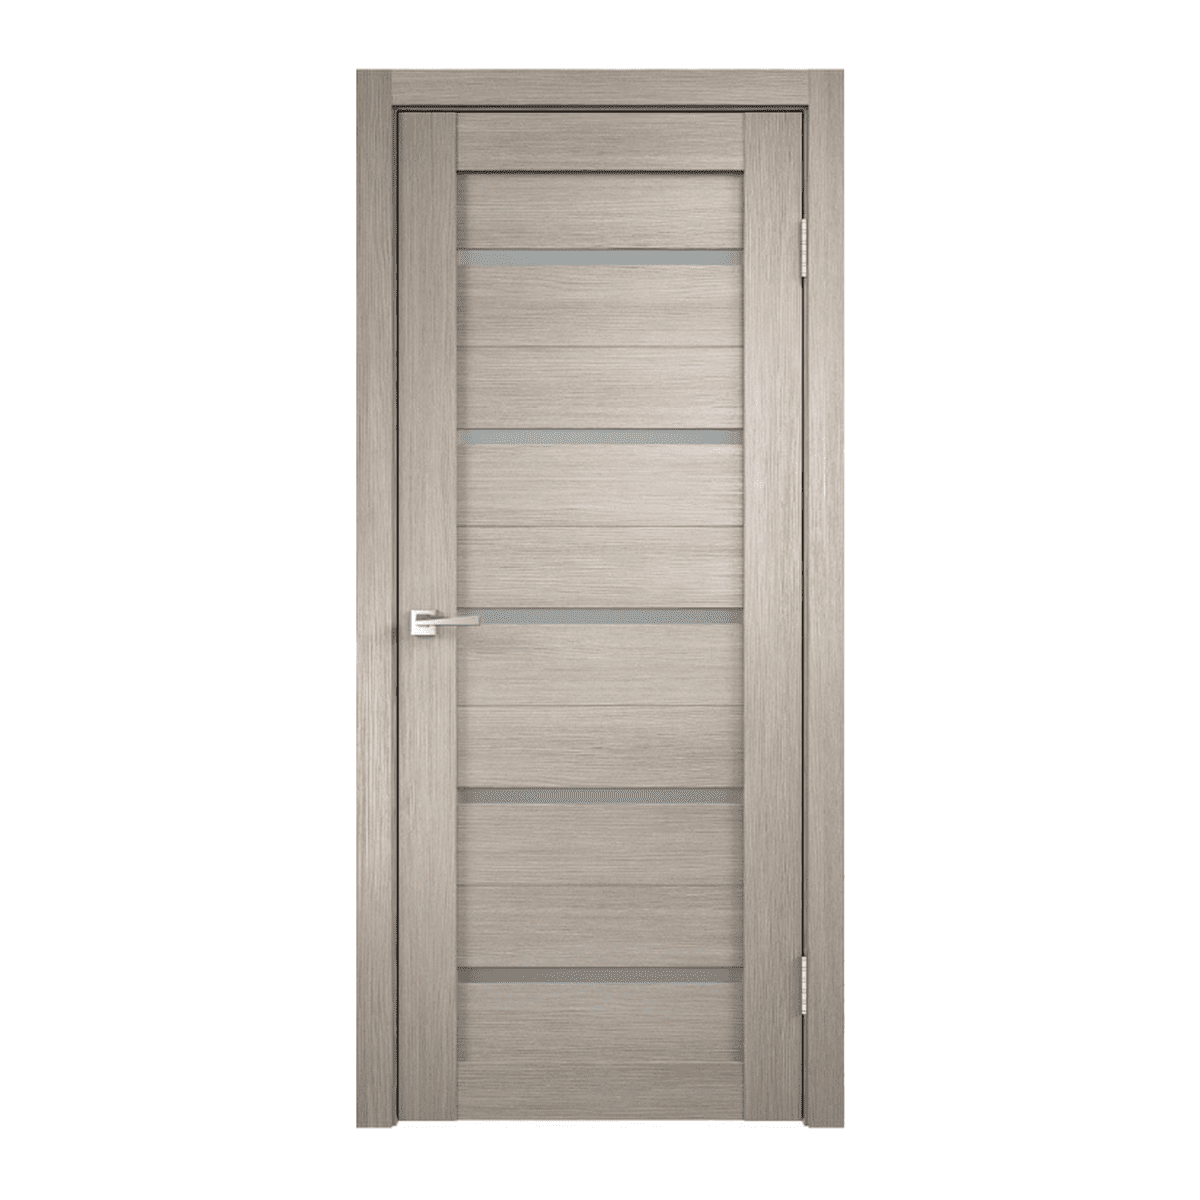 Дверное полотно DUPLEX капучино мателюкс 900*2000